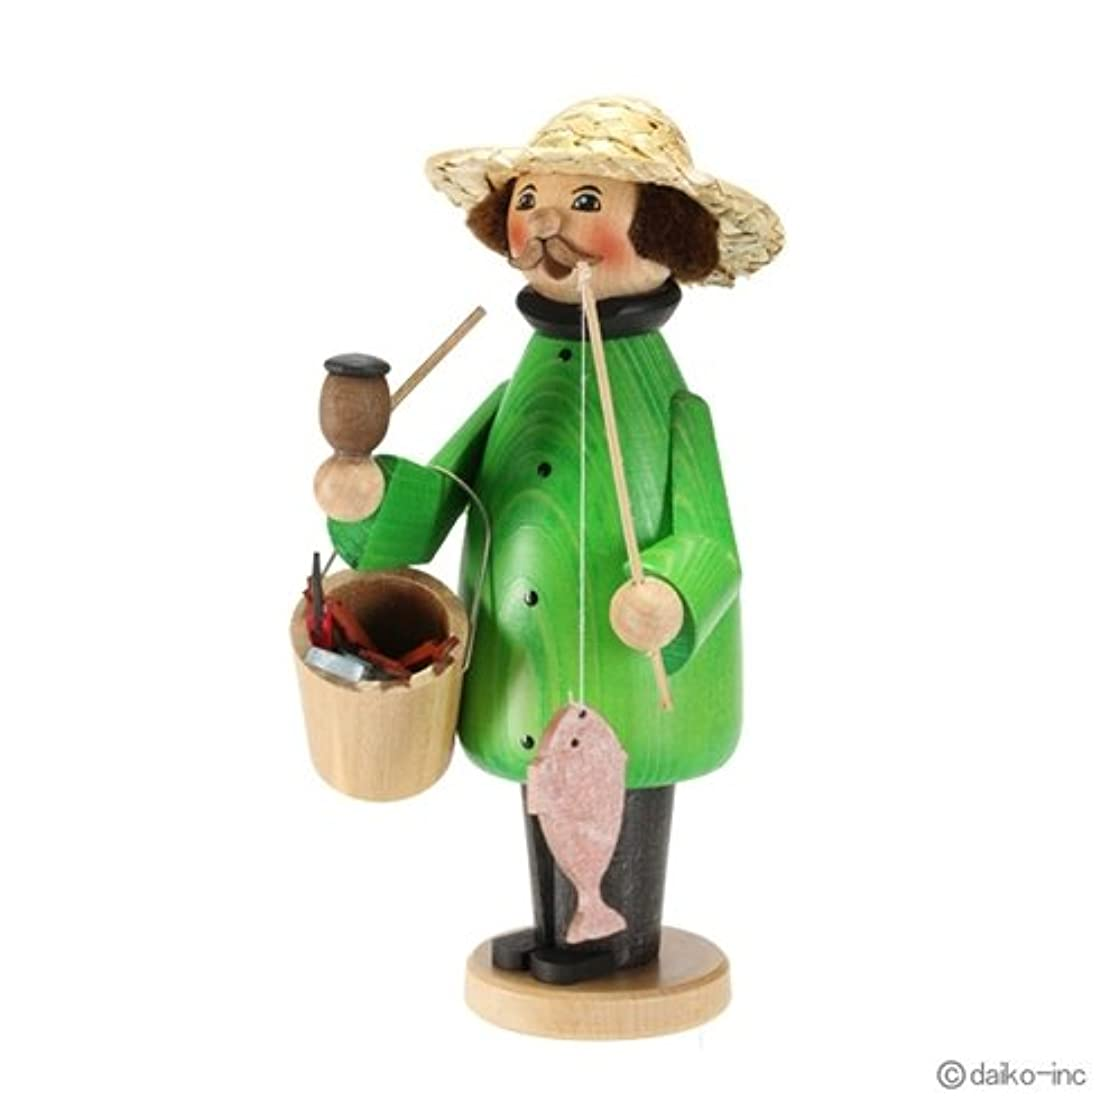 微生物感謝祭説明的クーネルト kuhnert ミニパイプ人形香炉 釣り人